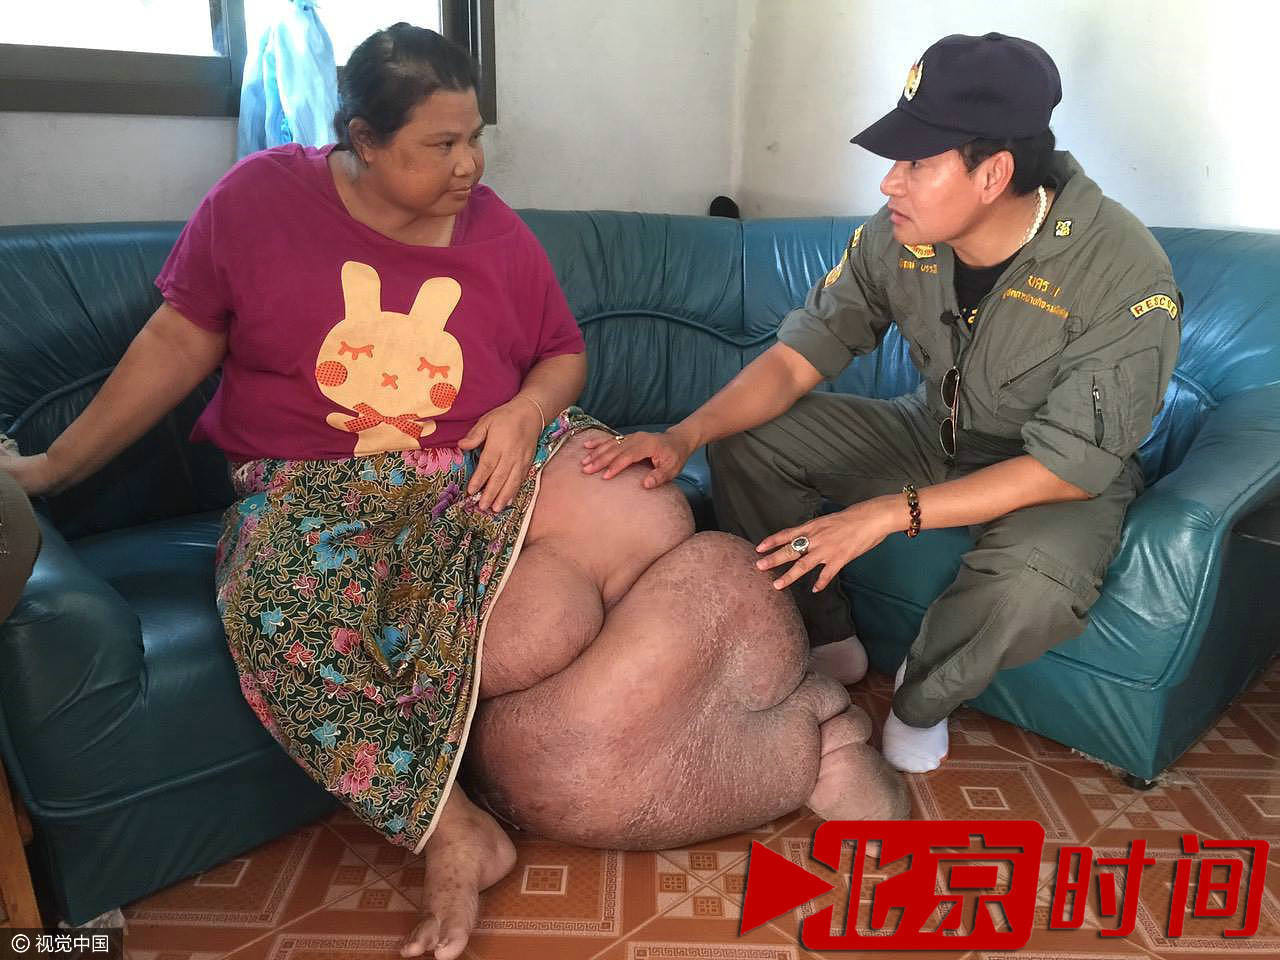 【转】北京时间     泰国妇女患怪病左腿重达51斤 被丈夫无情抛弃 - 妙康居士 - 妙康居士~晴樵雪读的博客